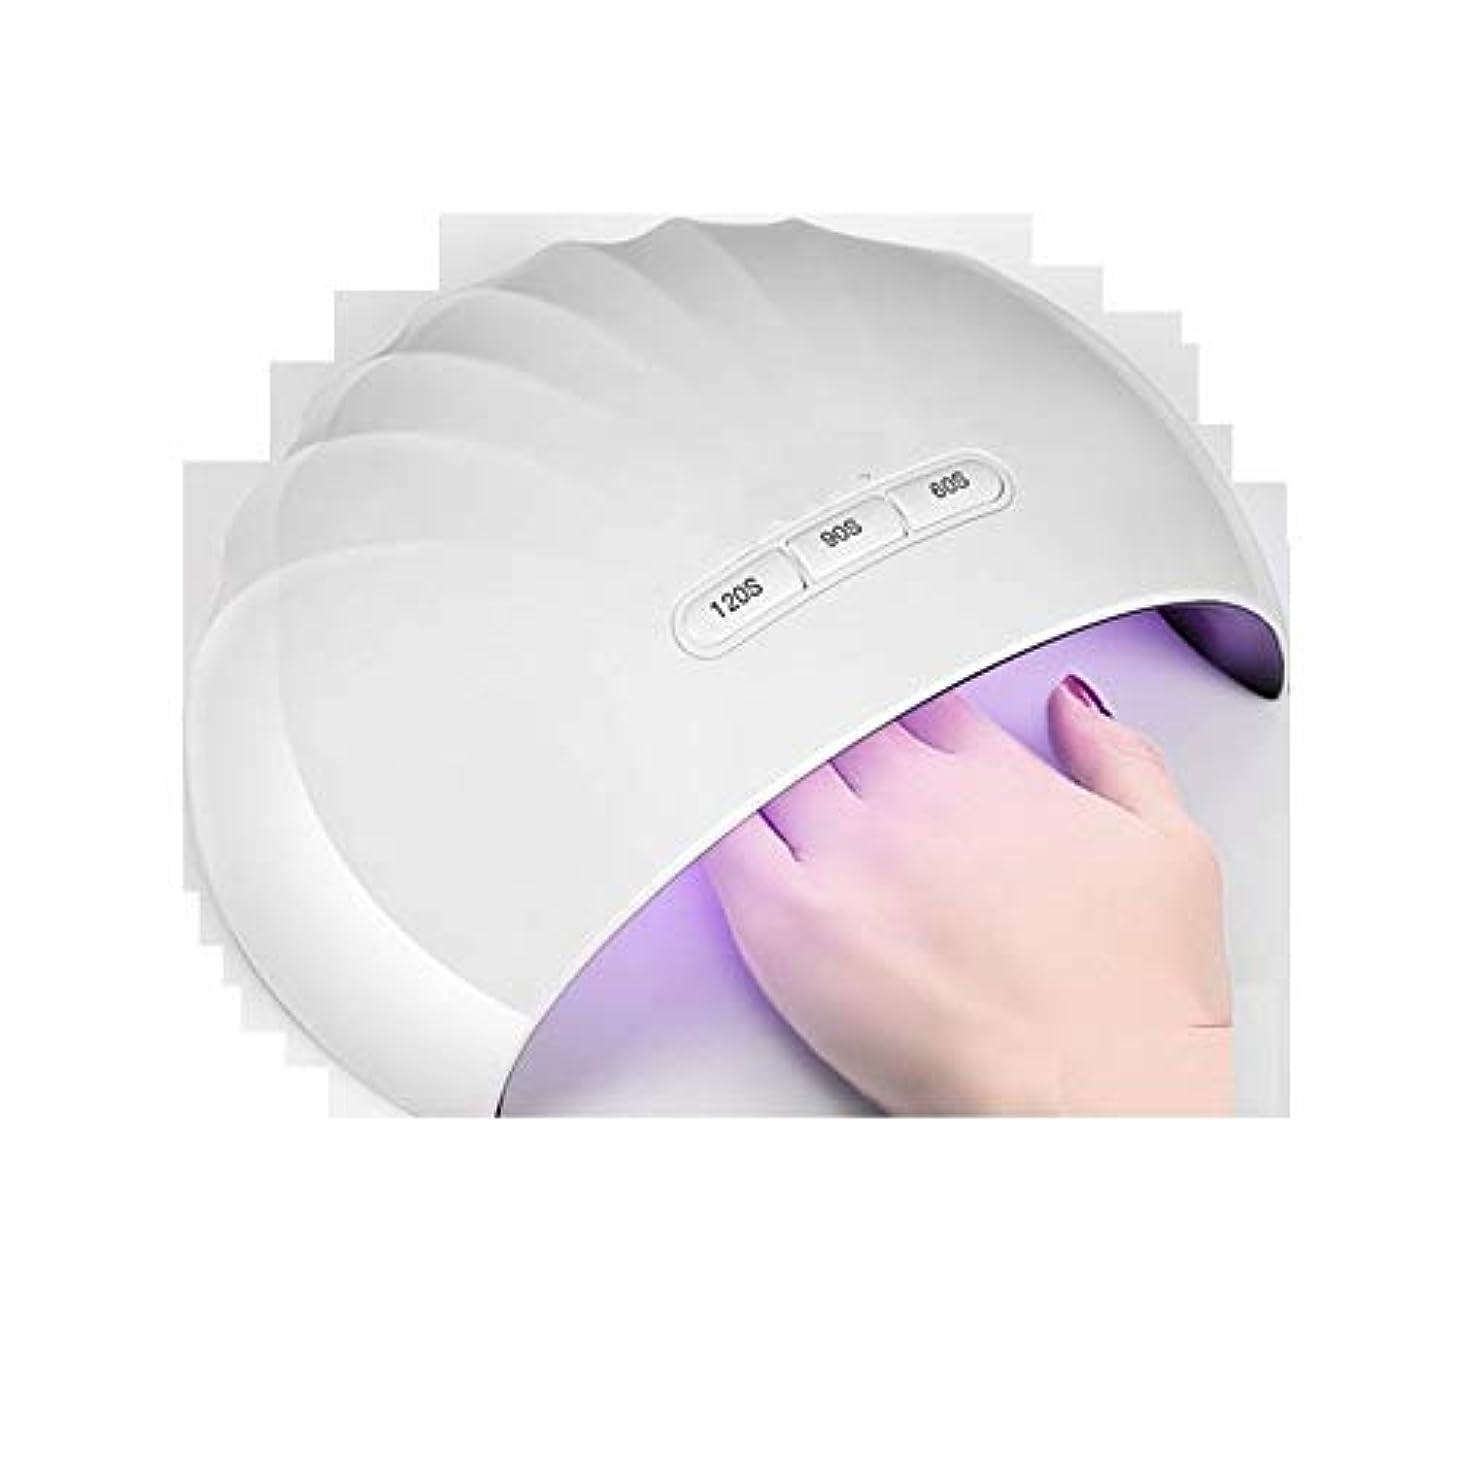 スーパーマーケットがんばり続けるりLittleCat ネイルネイル光線療法機ドライヤースマート36Wネイル12個のデュアル光源ランプビーズ (色 : White+USB cable)